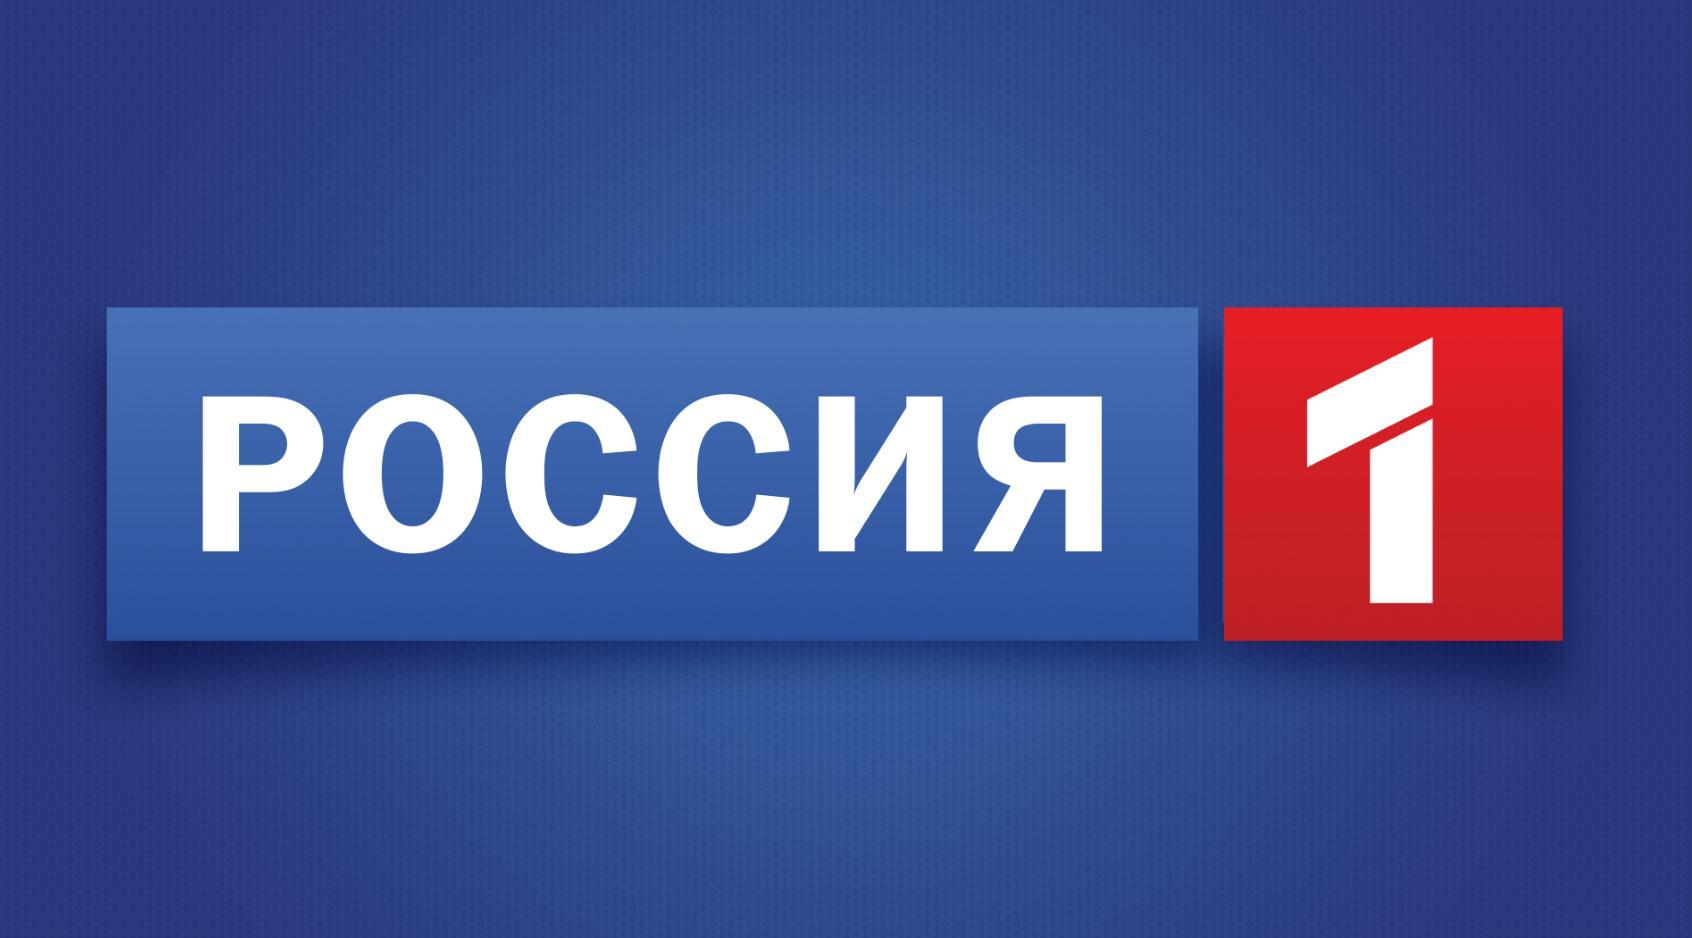 Программа фильмов по россии 1 сегодня